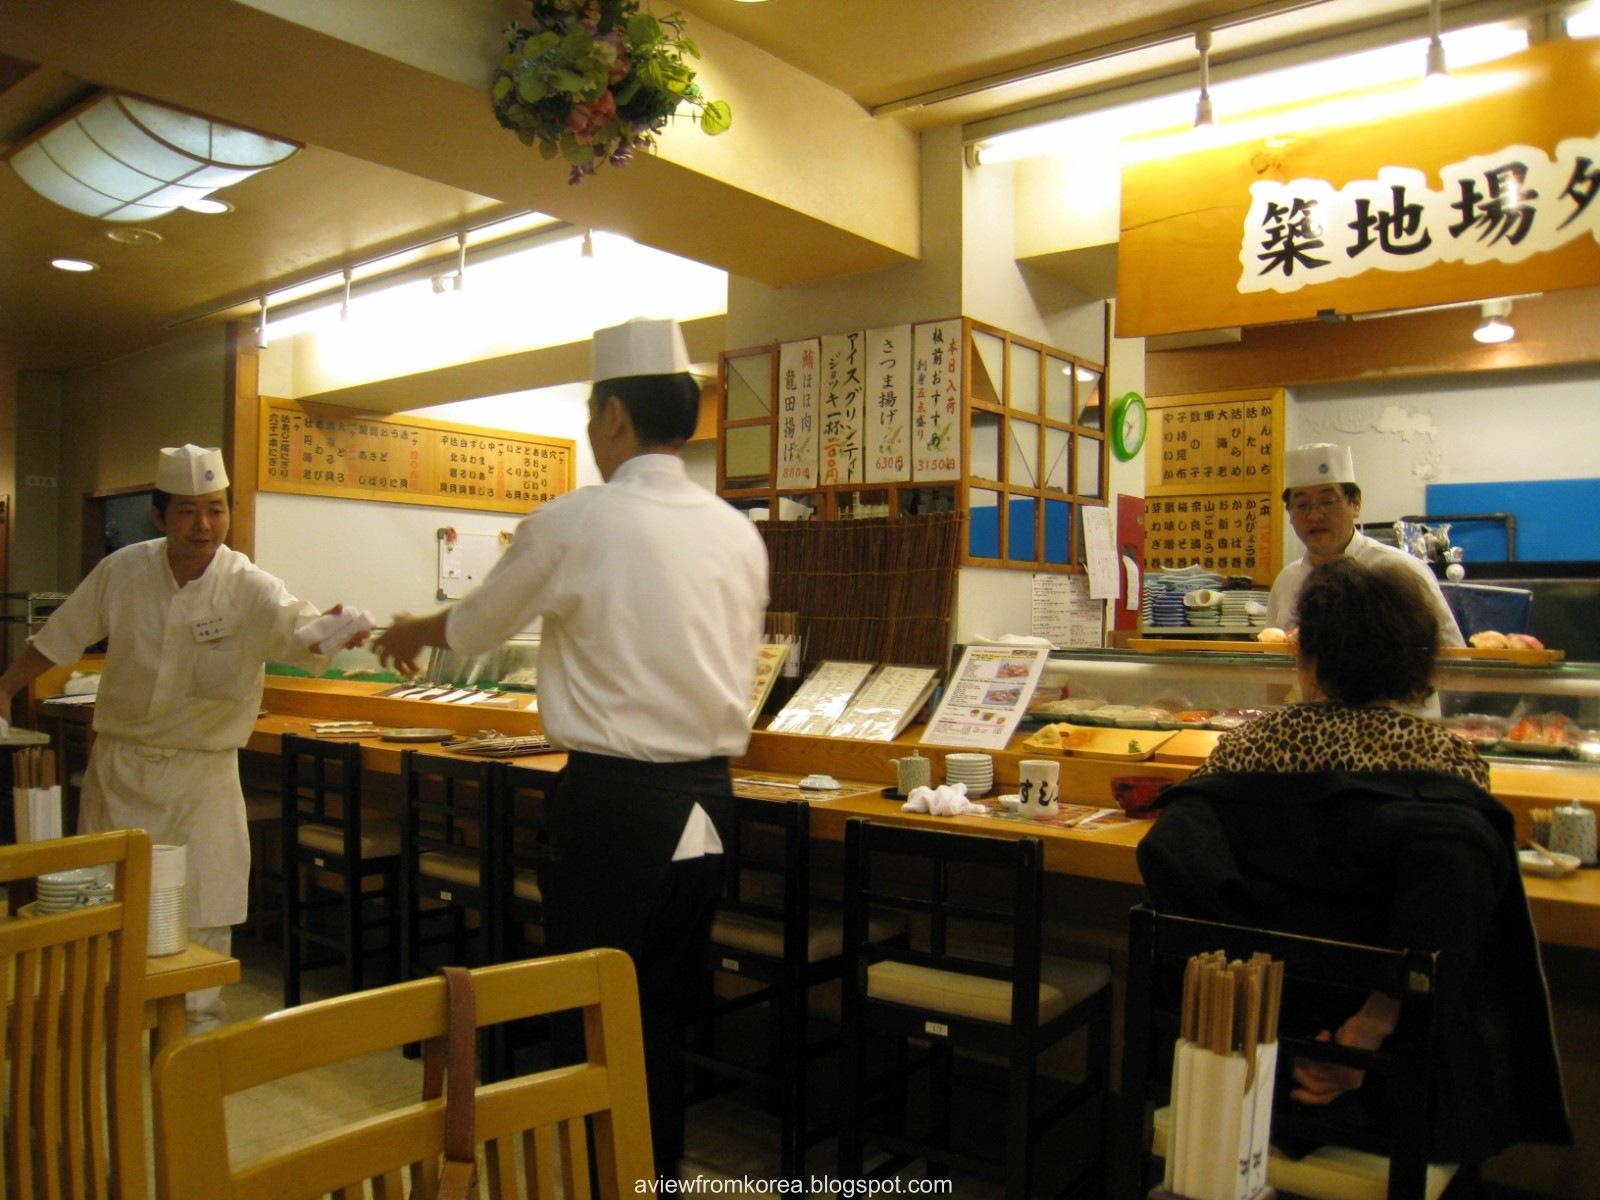 [Tsukiji Fish Market_18 [1600x1200][2].jpg]